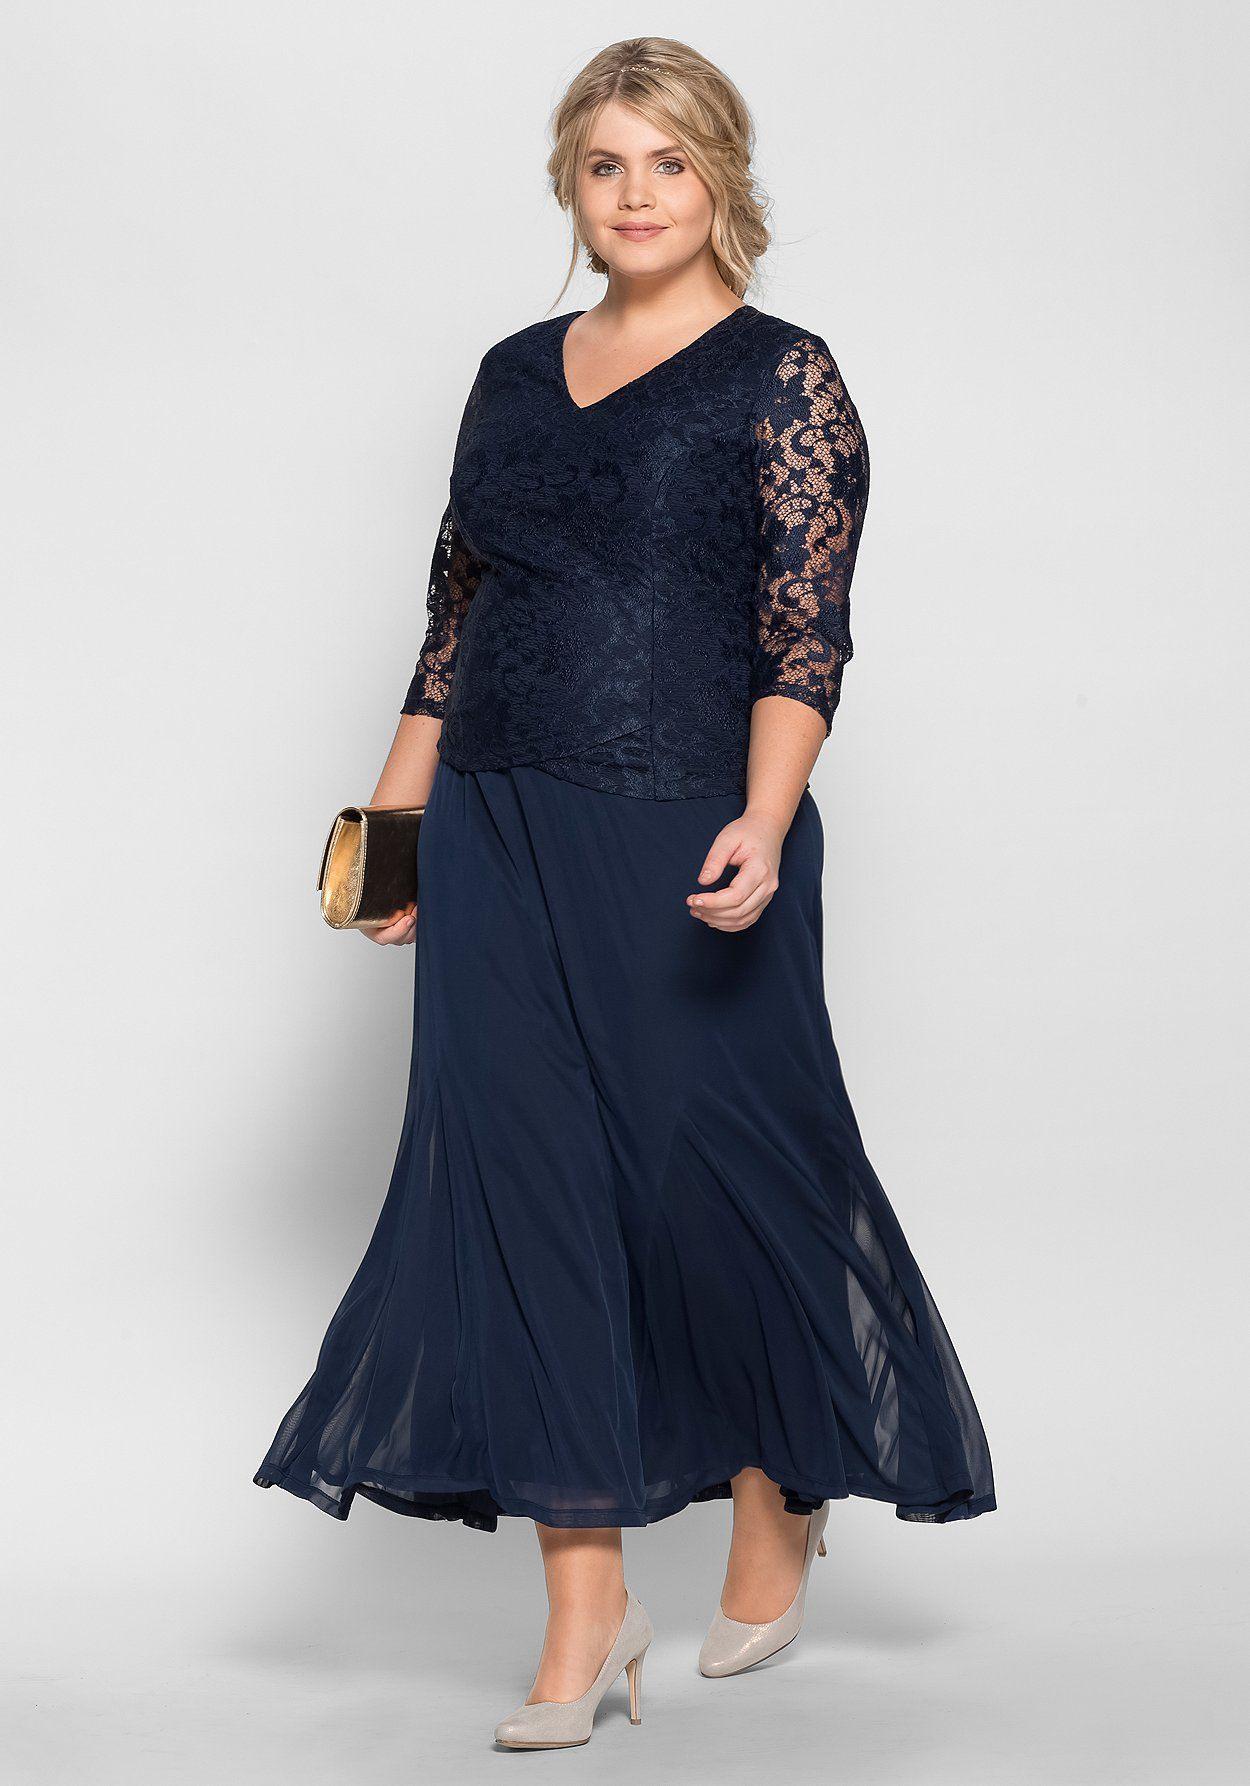 17 Luxurius Abendkleider Xxl Günstig Design15 Genial Abendkleider Xxl Günstig Spezialgebiet